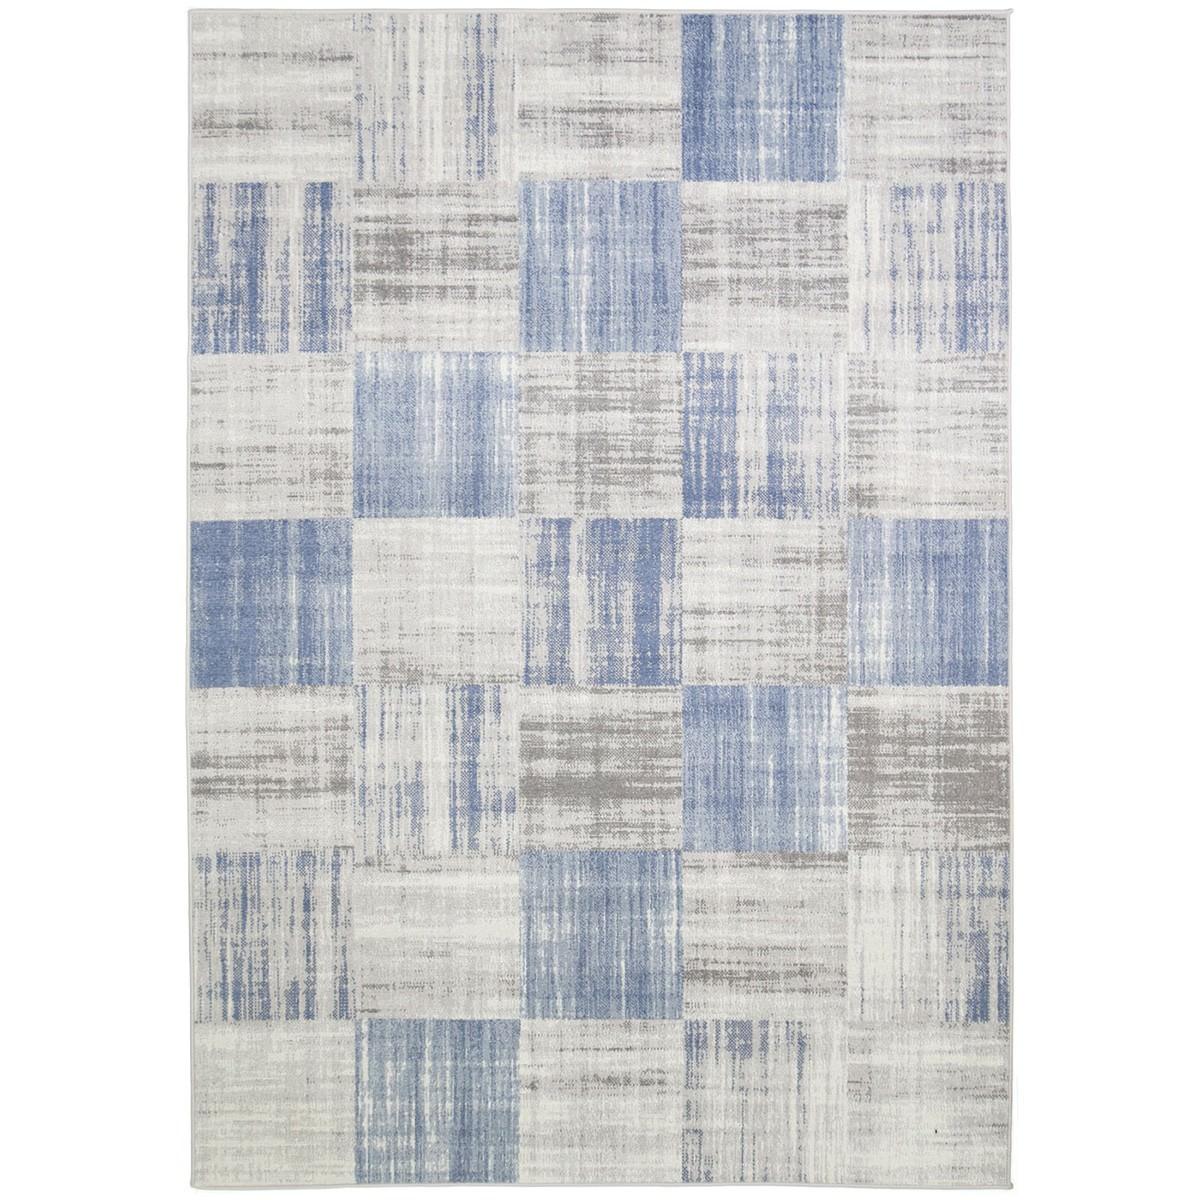 Courtyard Robson Modern Rug, 290x200cm, Blue / Grey